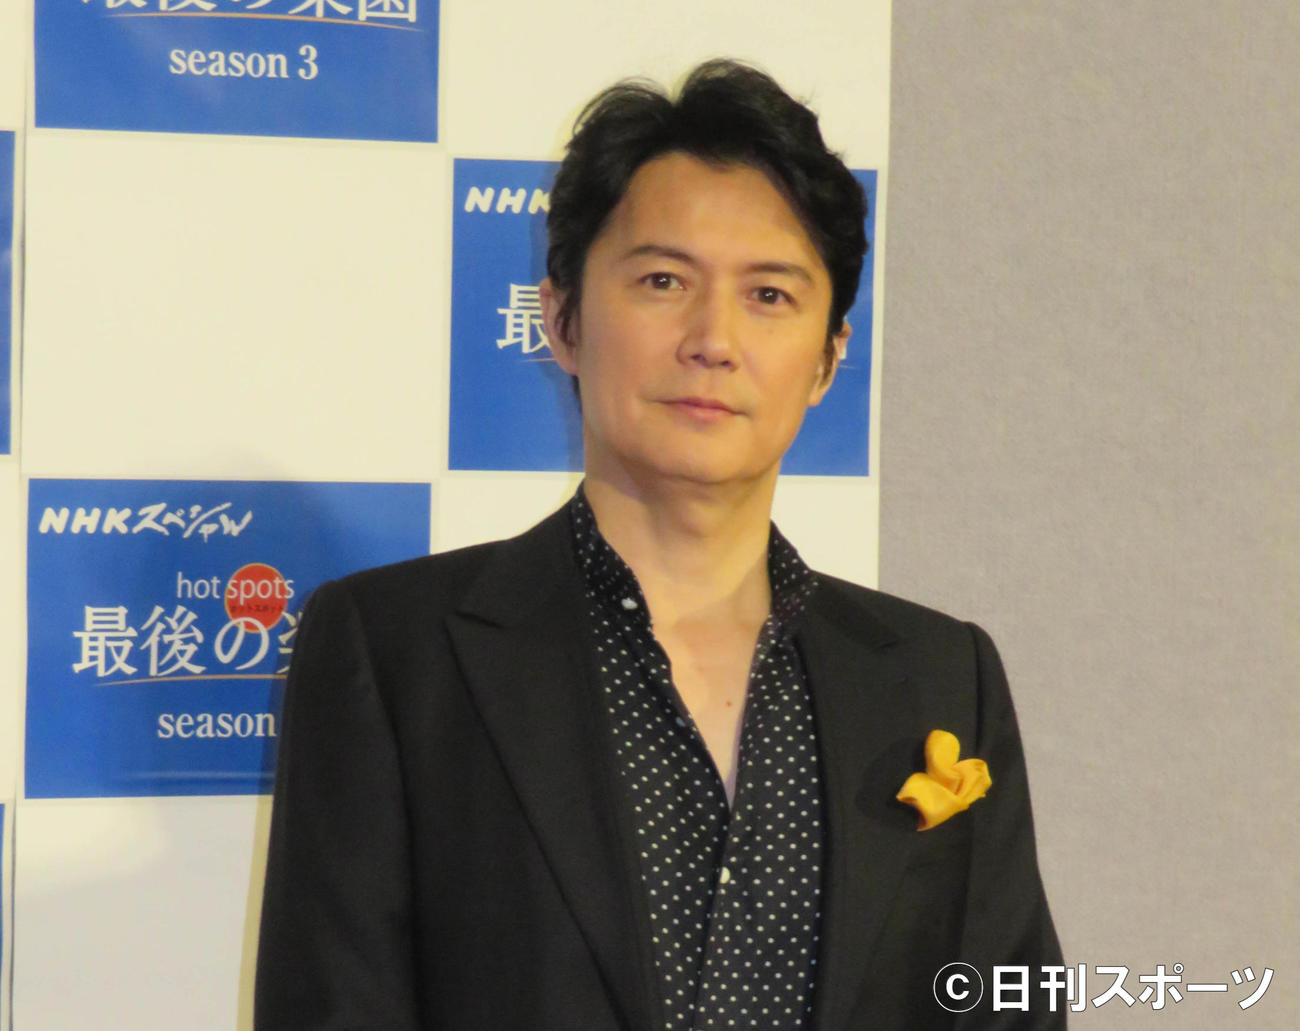 NHK「ホットスポット 最後の楽園」の会見を行った福山雅治